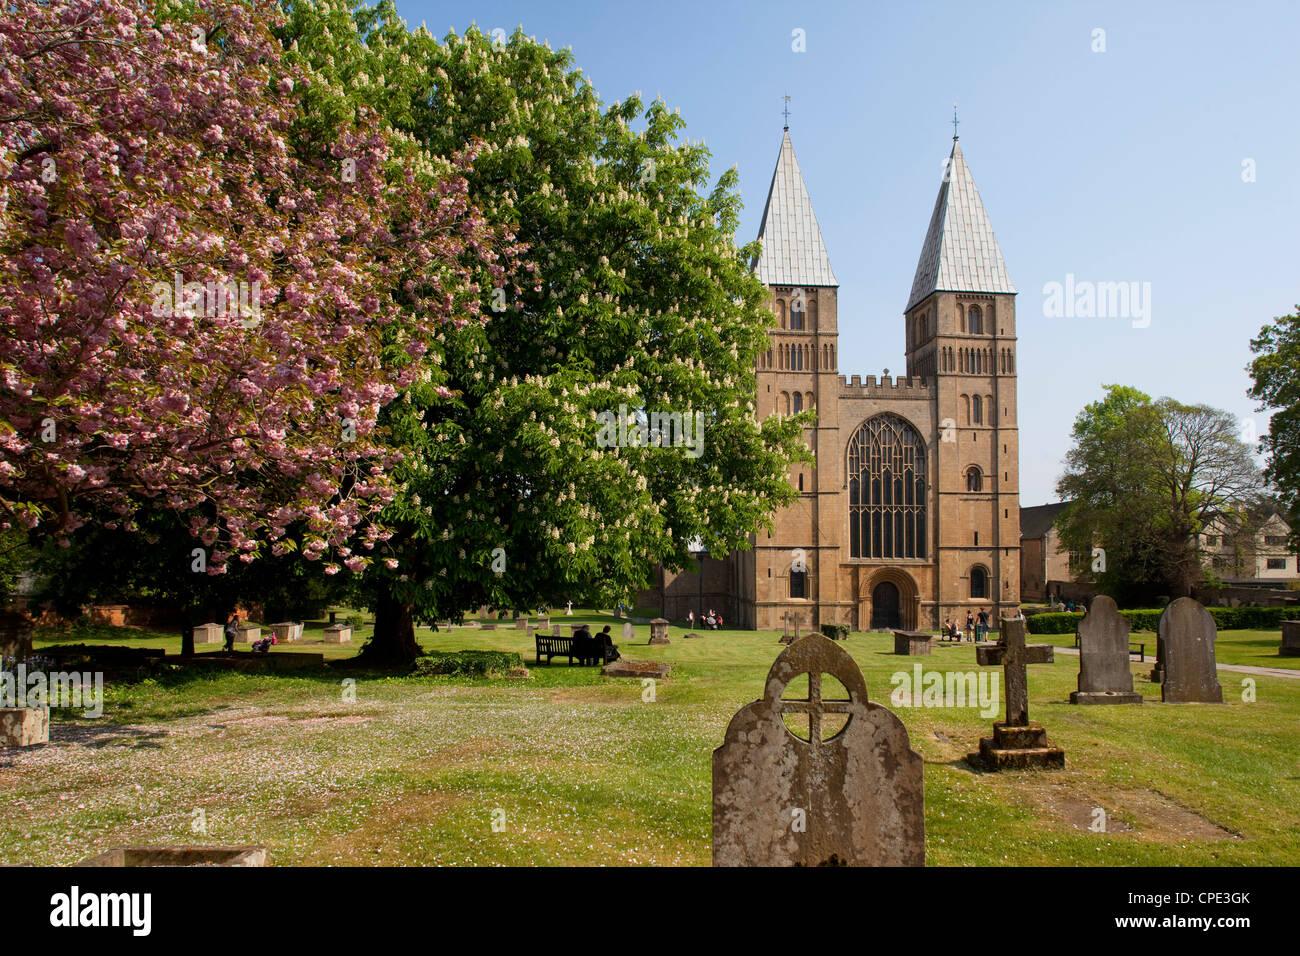 Southwell Minster, Southwell, Nottinghamshire, England, United Kingdom, Europe - Stock Image